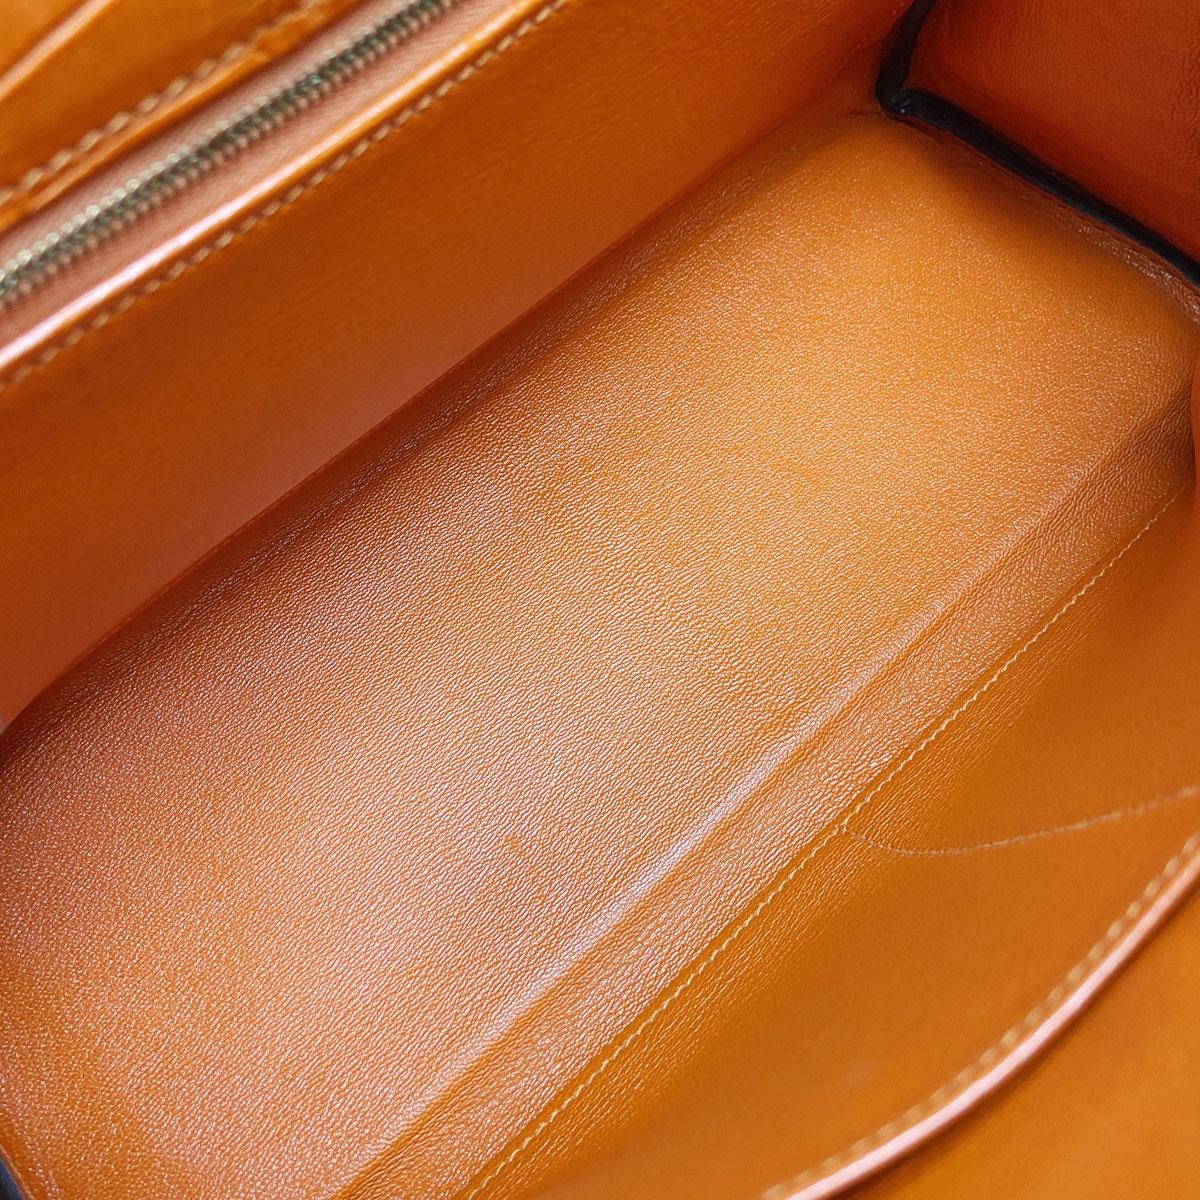 HERMES エルメス ケリー32 2WAYハンドバッグ クロコダイル オレンジ ゴールド金具 □R刻印 (2014年頃製造)